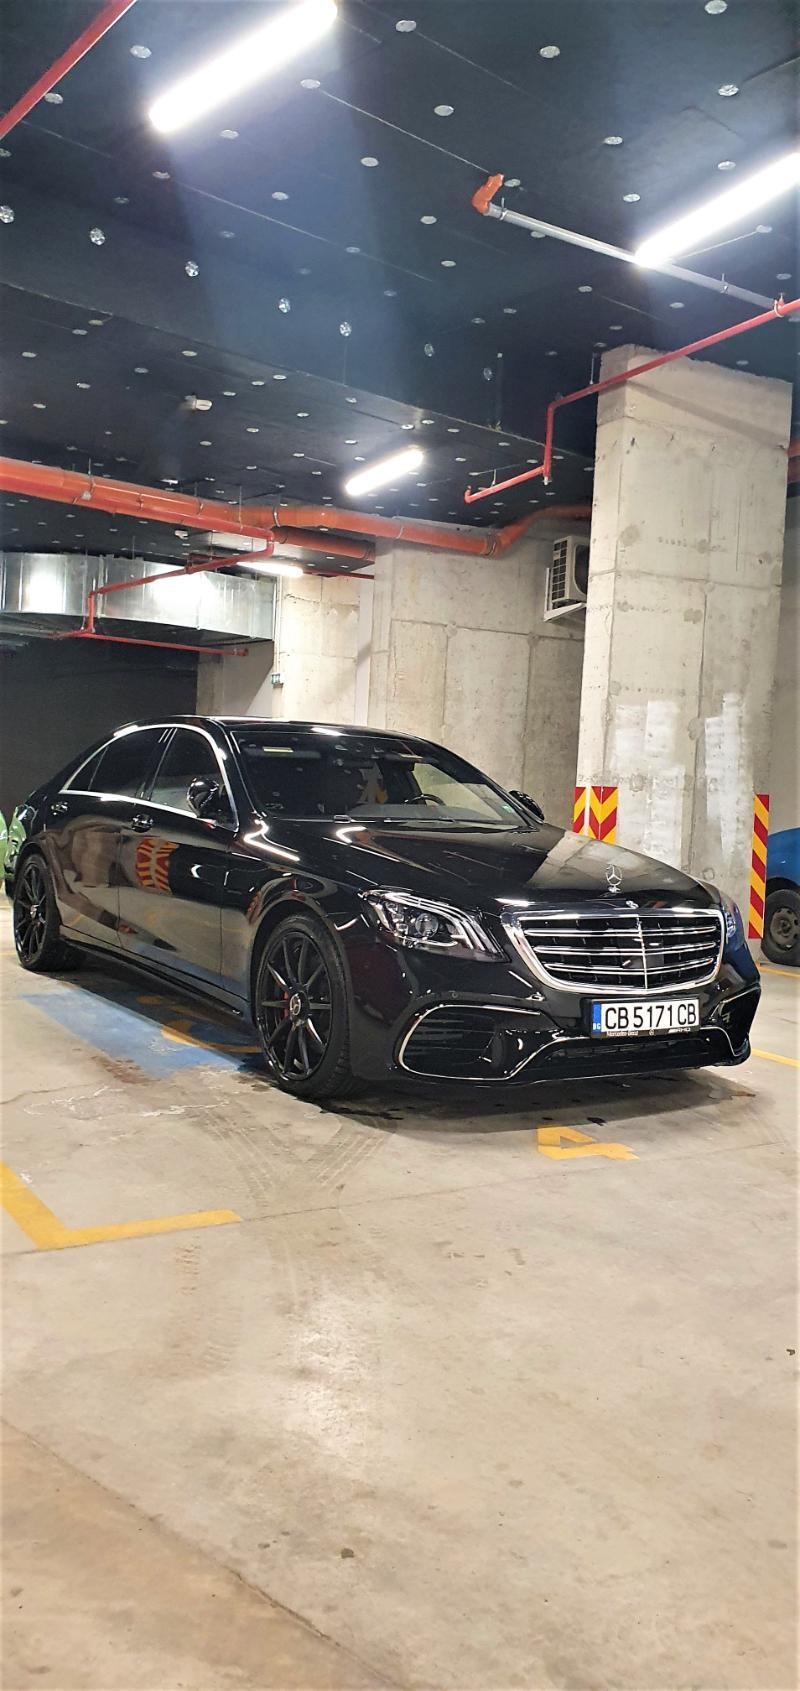 Mercedes-Benz S 500 - image 5